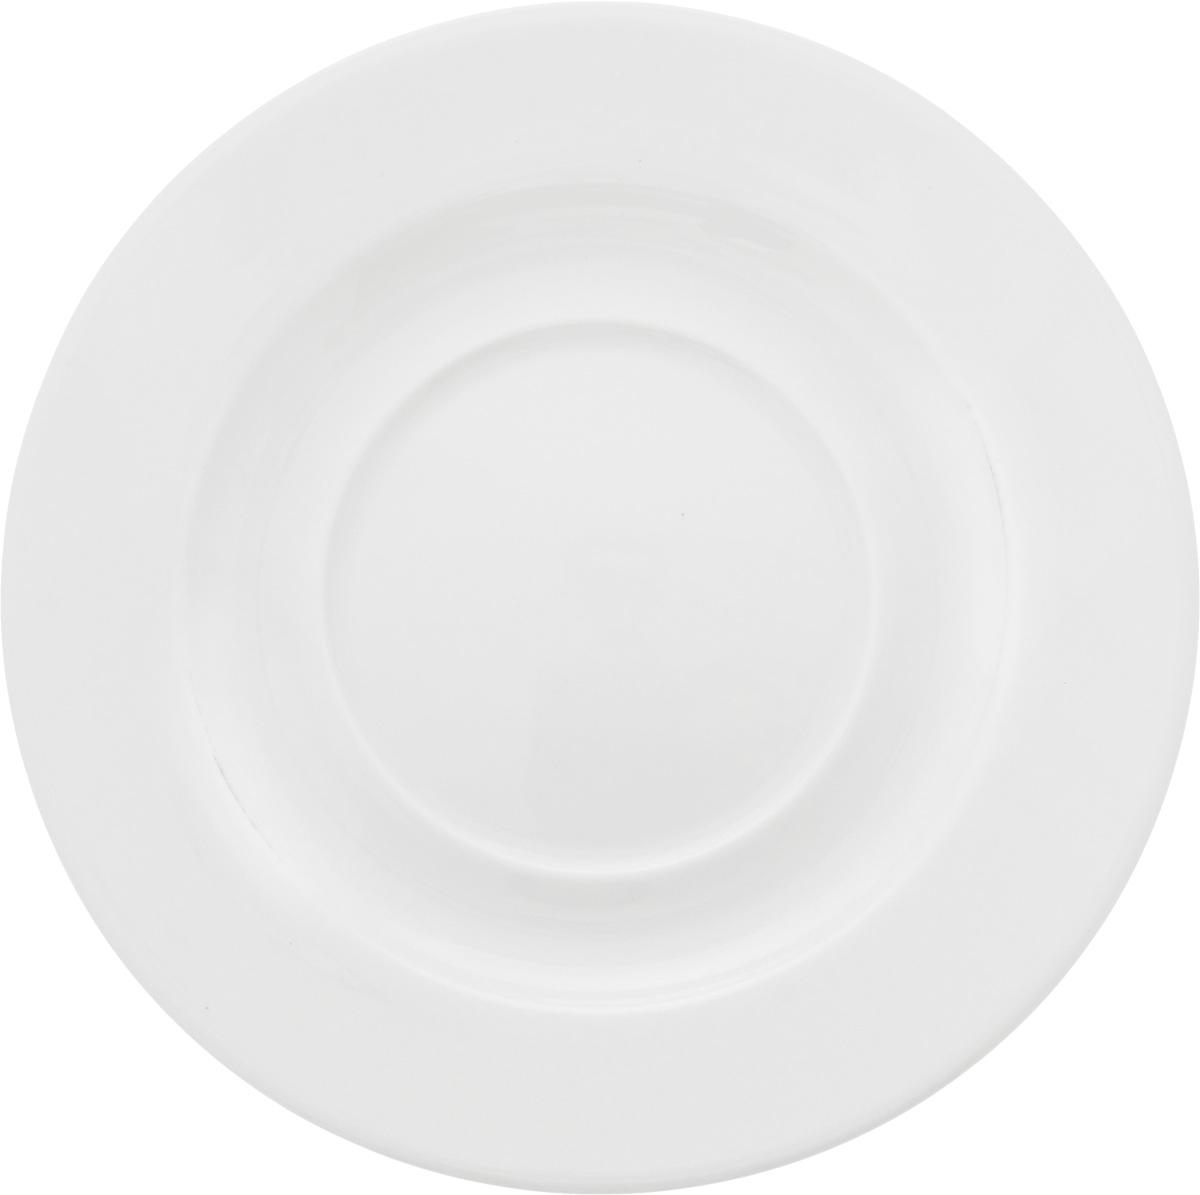 Блюдце Ariane Прайм, диаметр 16,5 смAPRARN14017Оригинальное блюдце Ariane Прайм изготовлено из фарфора с глазурованным покрытием. Изделие сочетает в себе классический дизайн с максимальной функциональностью. Блюдце прекрасно впишется в интерьер вашей кухни и станет достойным дополнением к кухонному инвентарю. Можно мыть в посудомоечной машине и использовать в микроволновой печи.Диаметр блюдца (по верхнему краю): 16,5 см.Высота блюдца: 2 см.